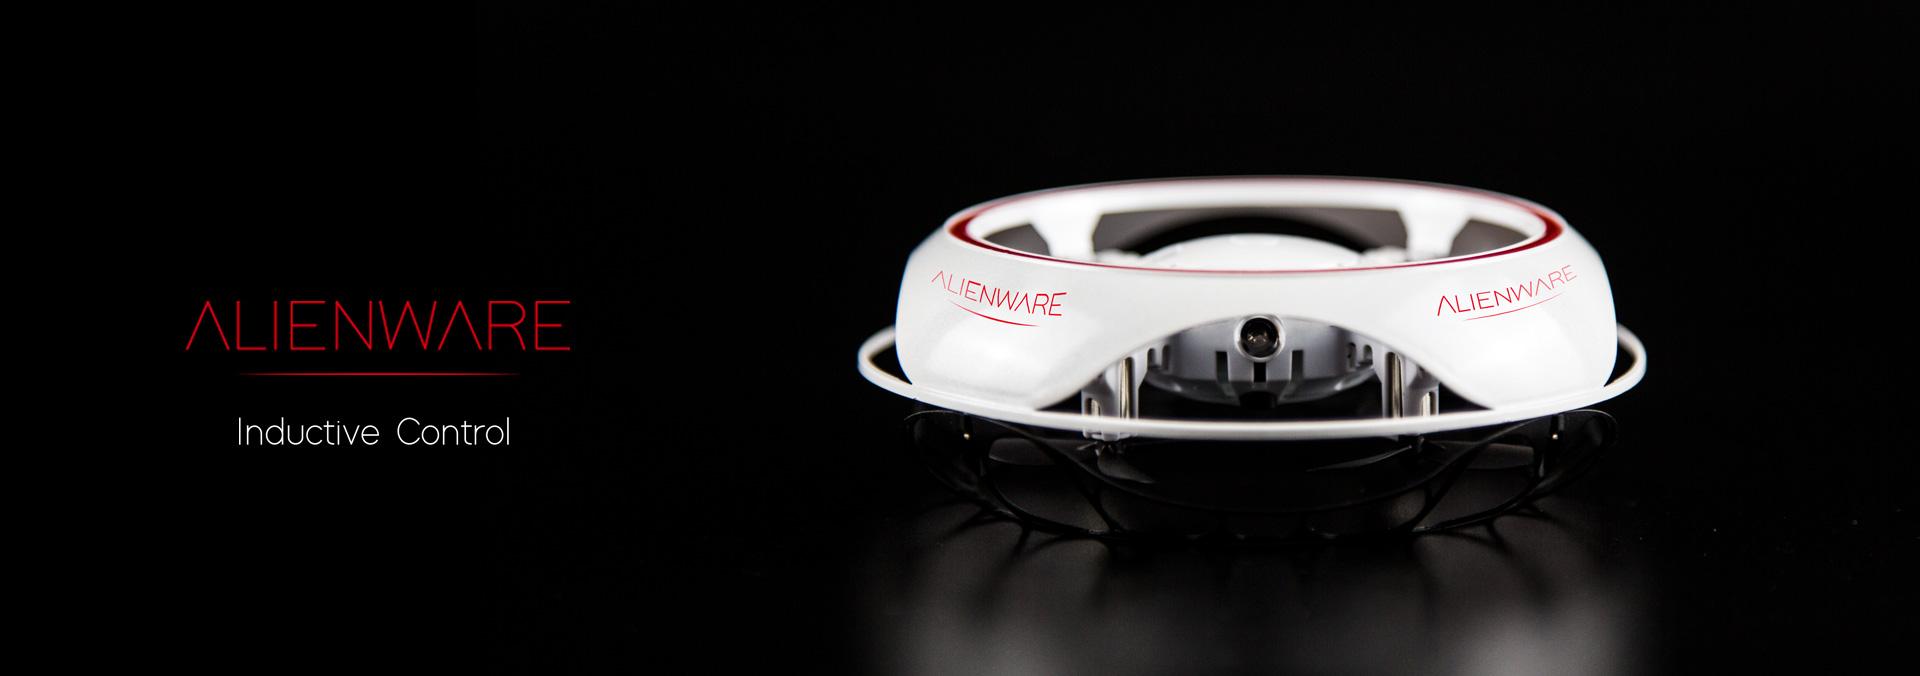 Alienware main-3